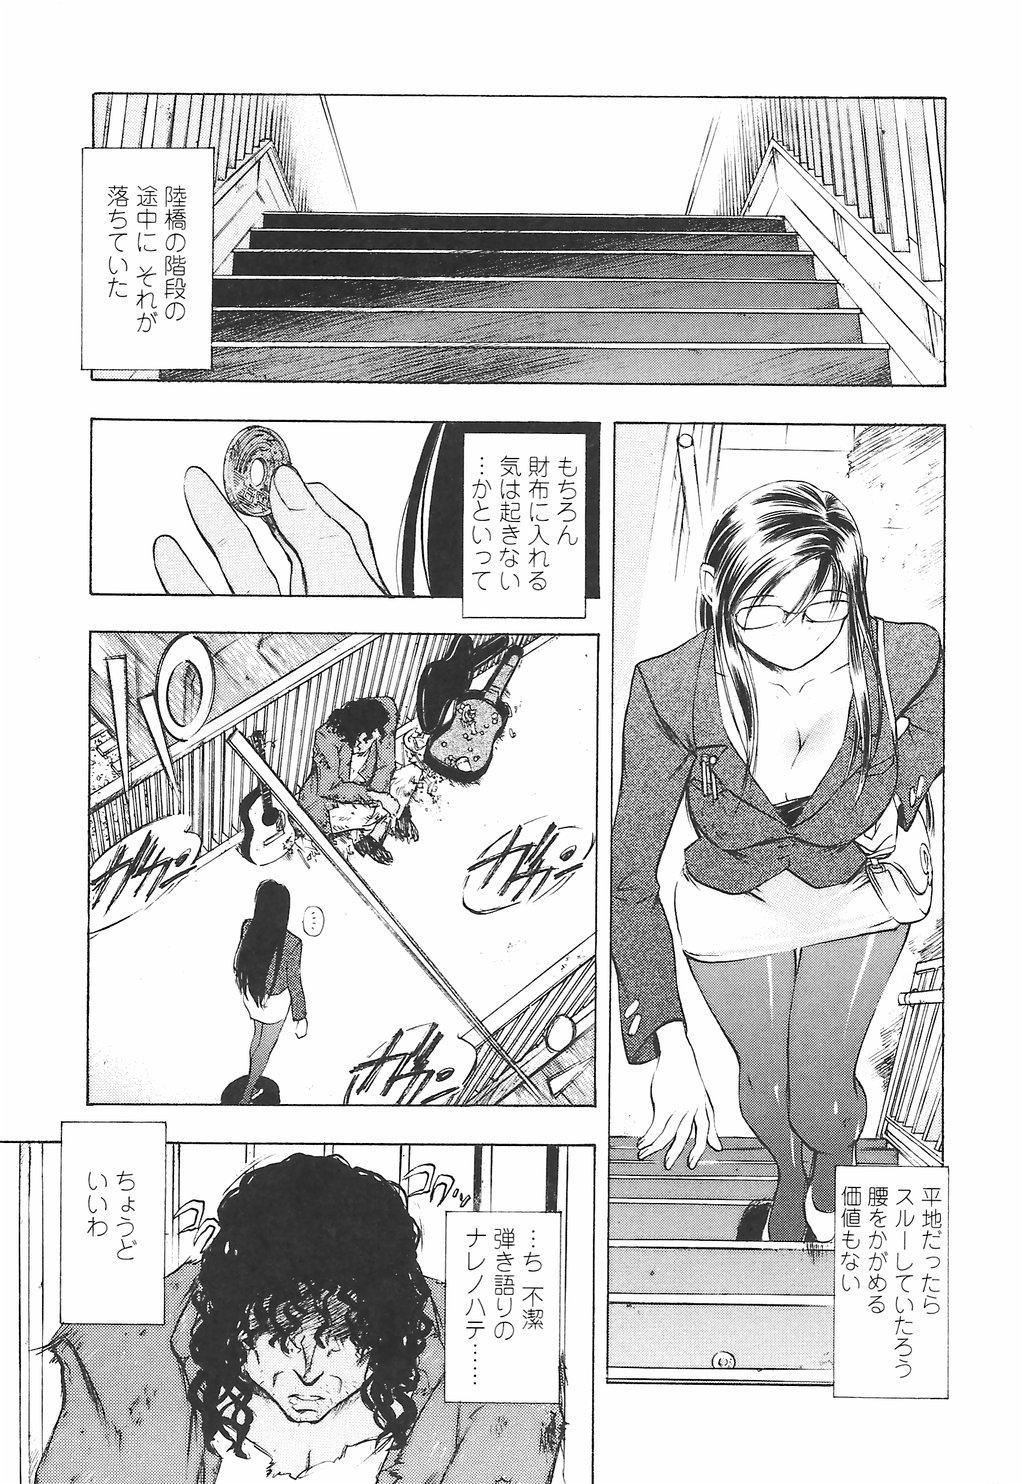 [Yuuki Tsumugi] Oshiete Ane-Tea - Teach me! my sister teacher. 42